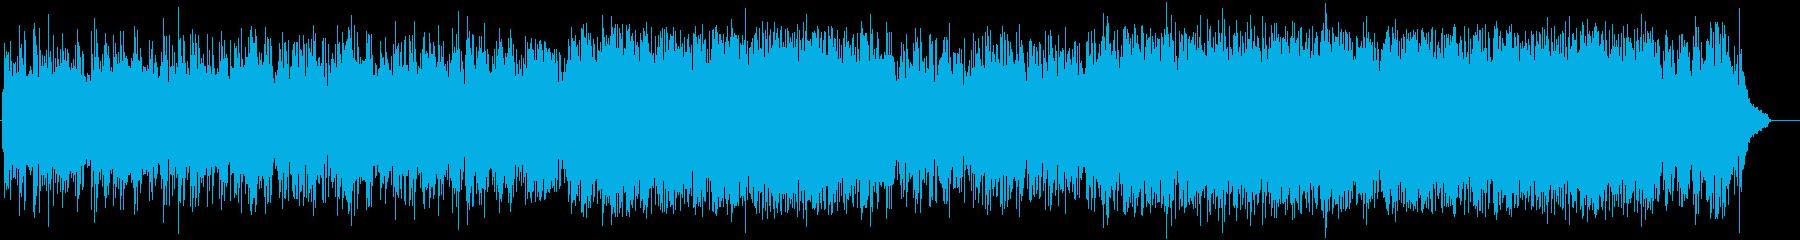 しなやかで華麗にフィナーレを彩るポップスの再生済みの波形